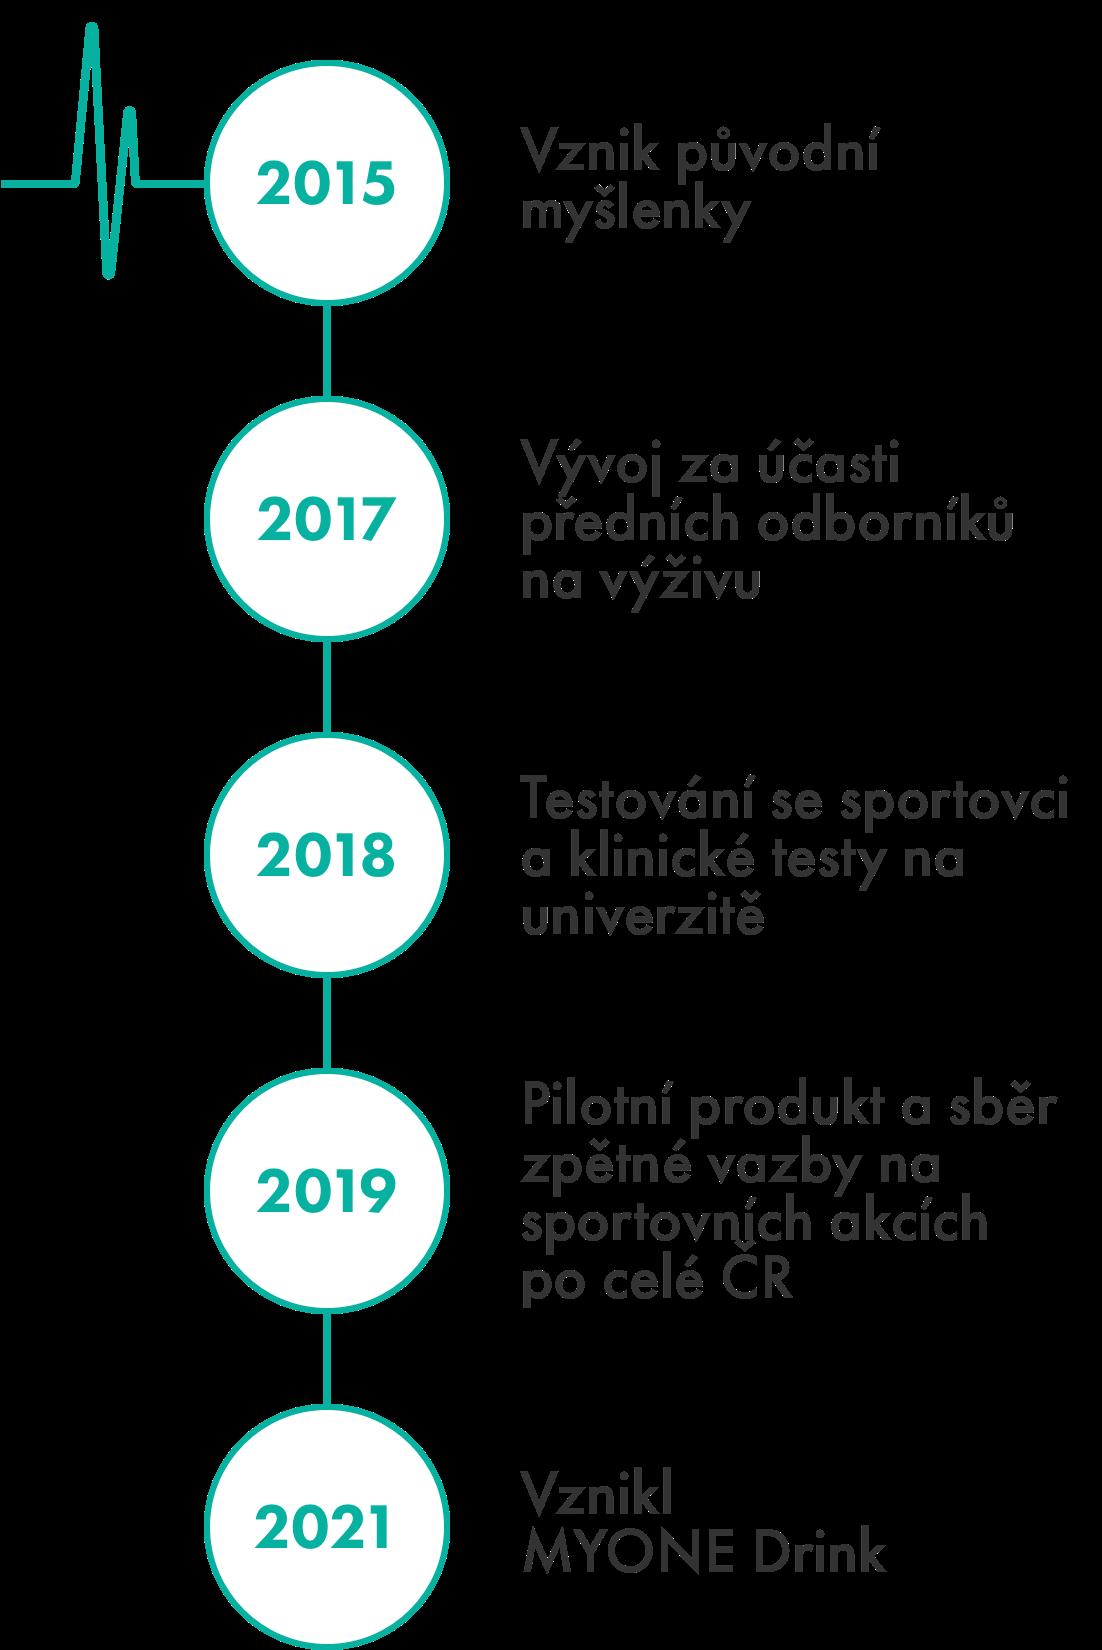 2015: Vznik původní myšlenky, 2017: Vývoj za účasti předních odborníků na výživu, 2018: Testování se sportovci a klinické testy na univerzitě, 2019: Pilotní produkt a sběr zpětné vazby na sportovních akcích po celé ČR, 2021: Vznikl MYONE drink